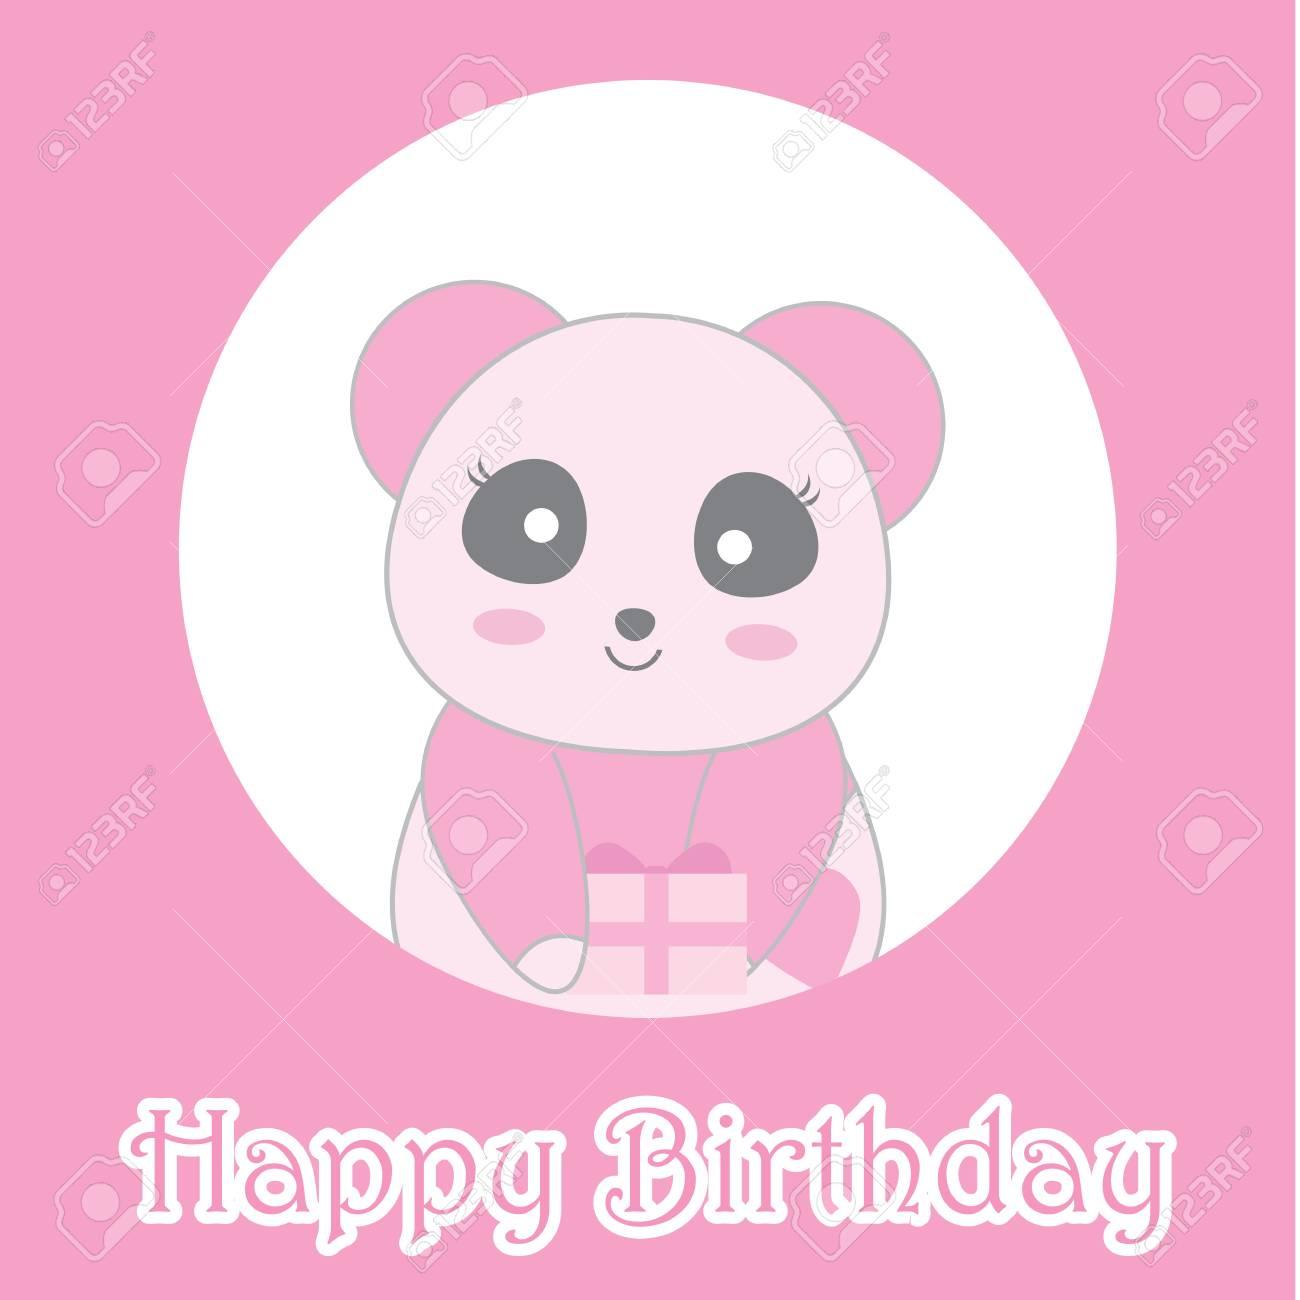 Ilustración De Cumpleaños Con Lindo Bebé Panda Rosa En El Marco Del Círculo Adecuado Para Tarjeta De Invitación De Cumpleaños Tarjeta De Felicitación